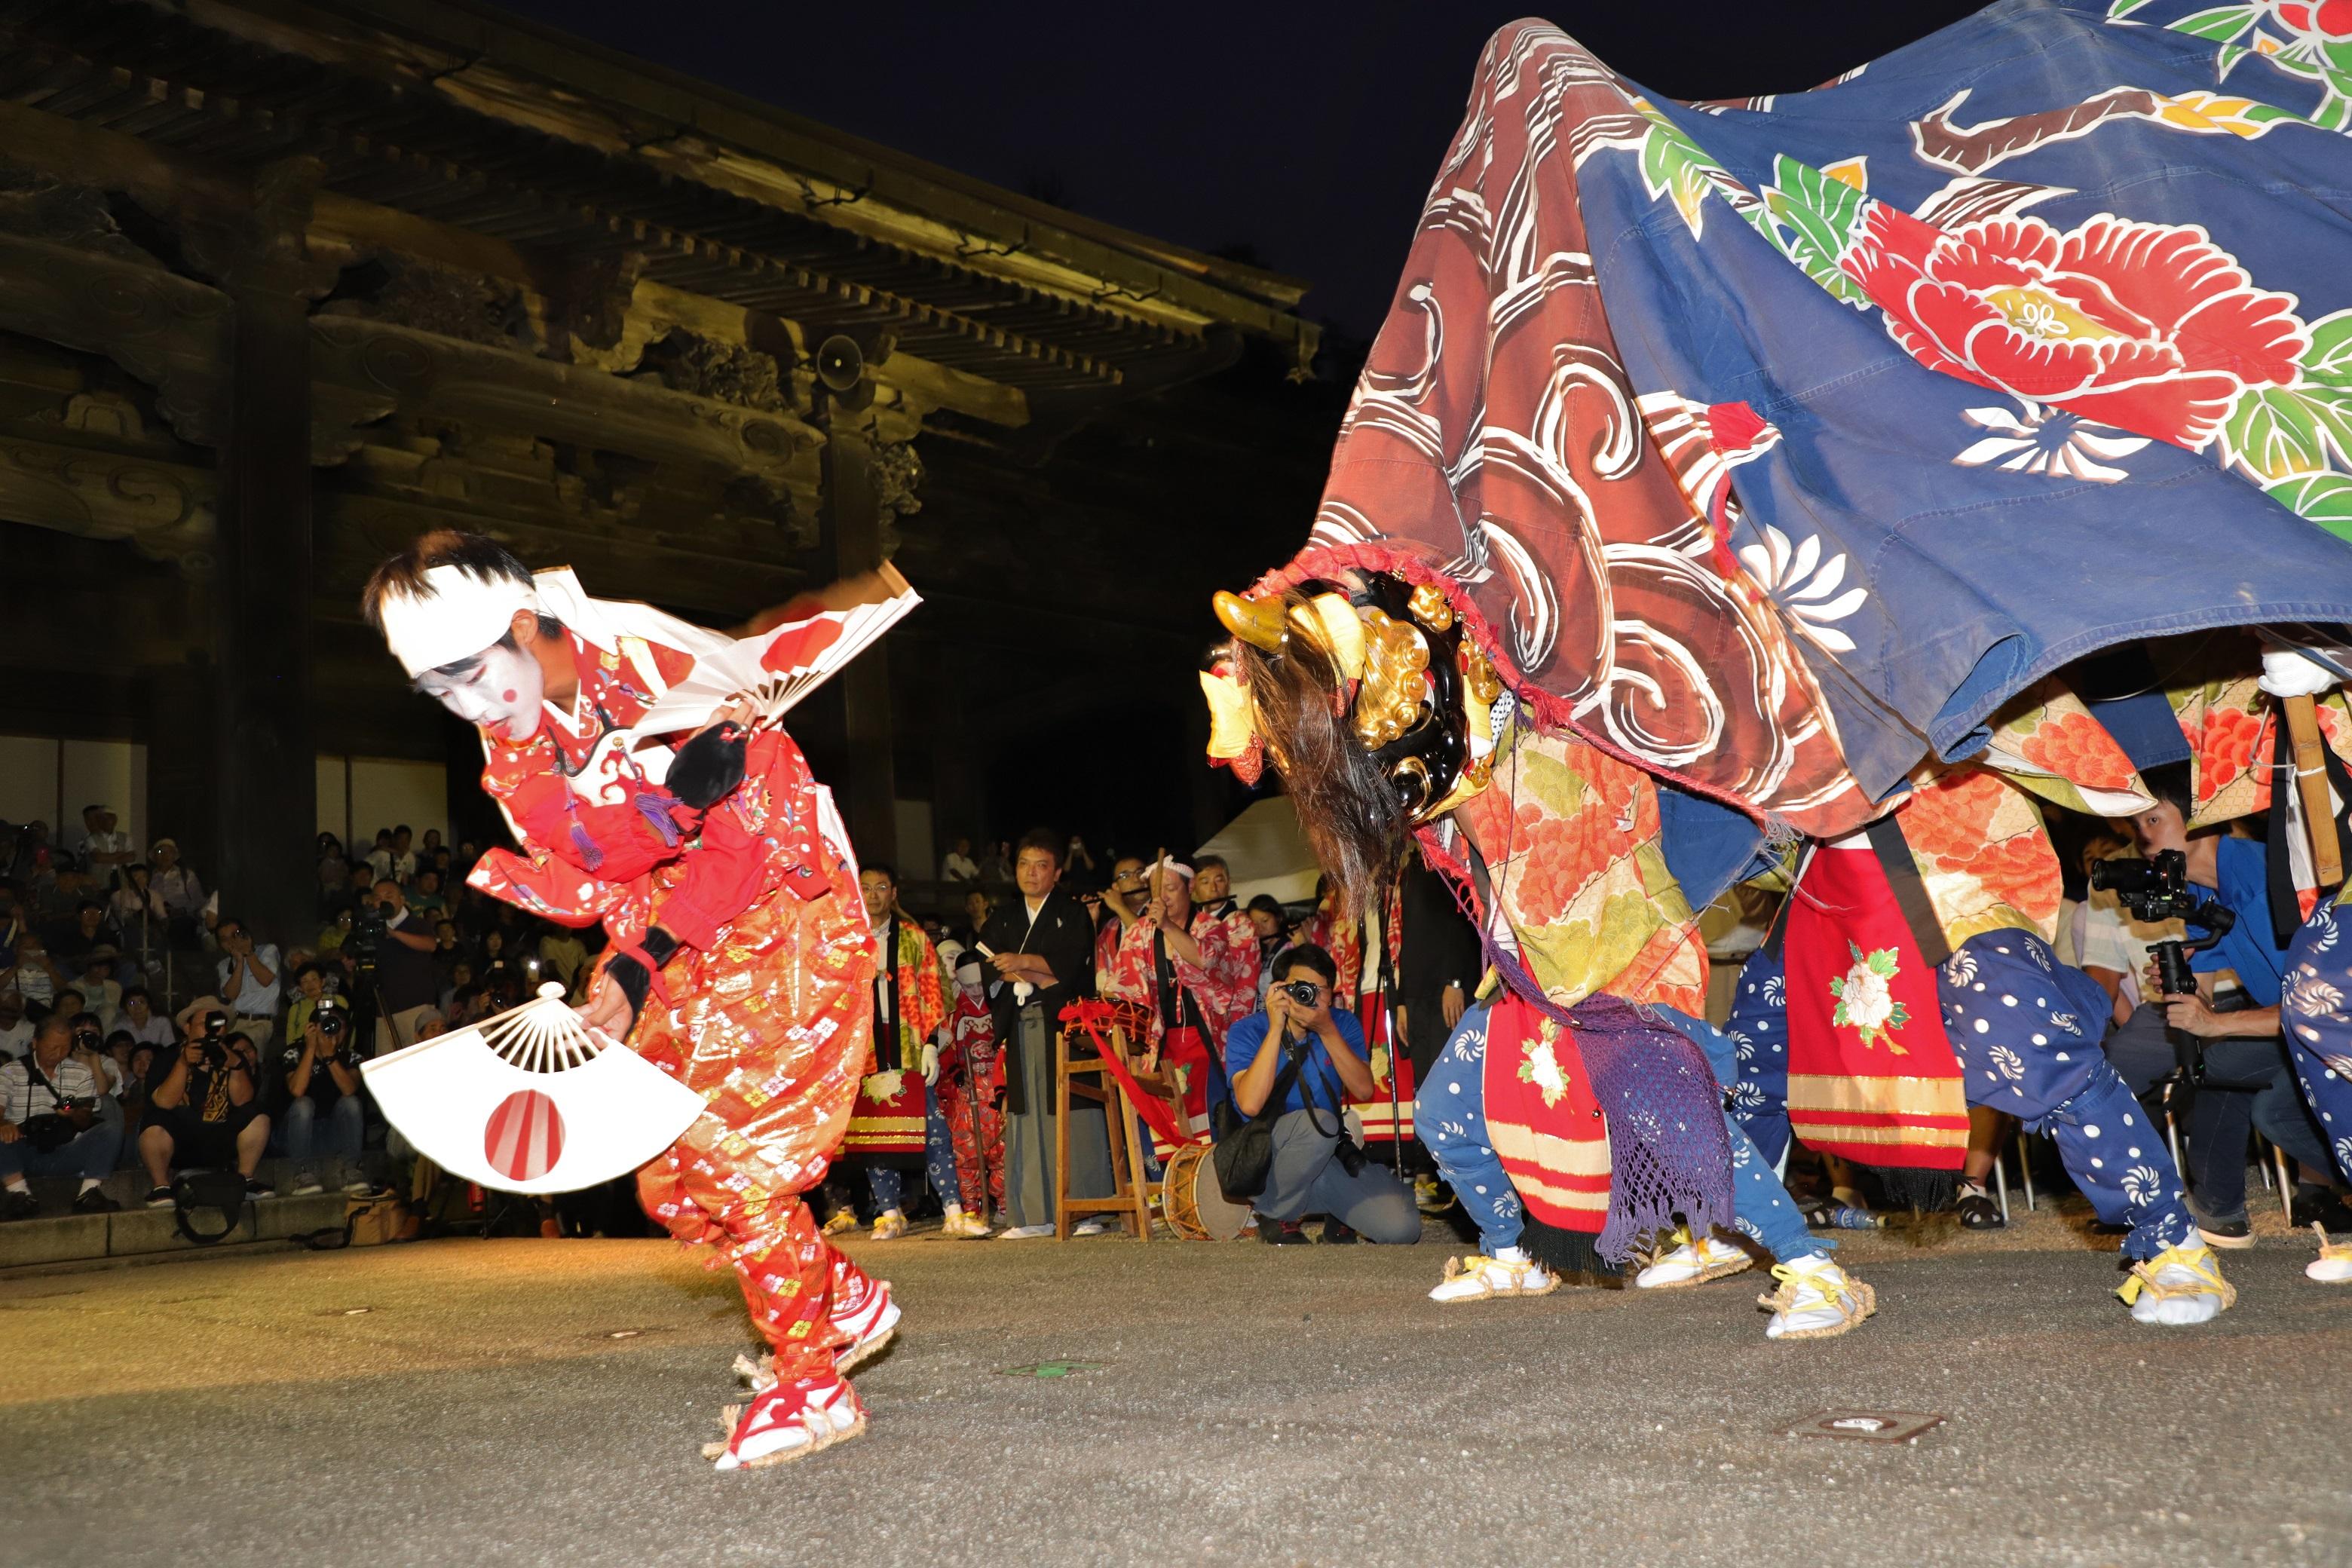 南砺 獅子舞「令和元年夏の陣」獅子舞共演会が開催されました!の画像